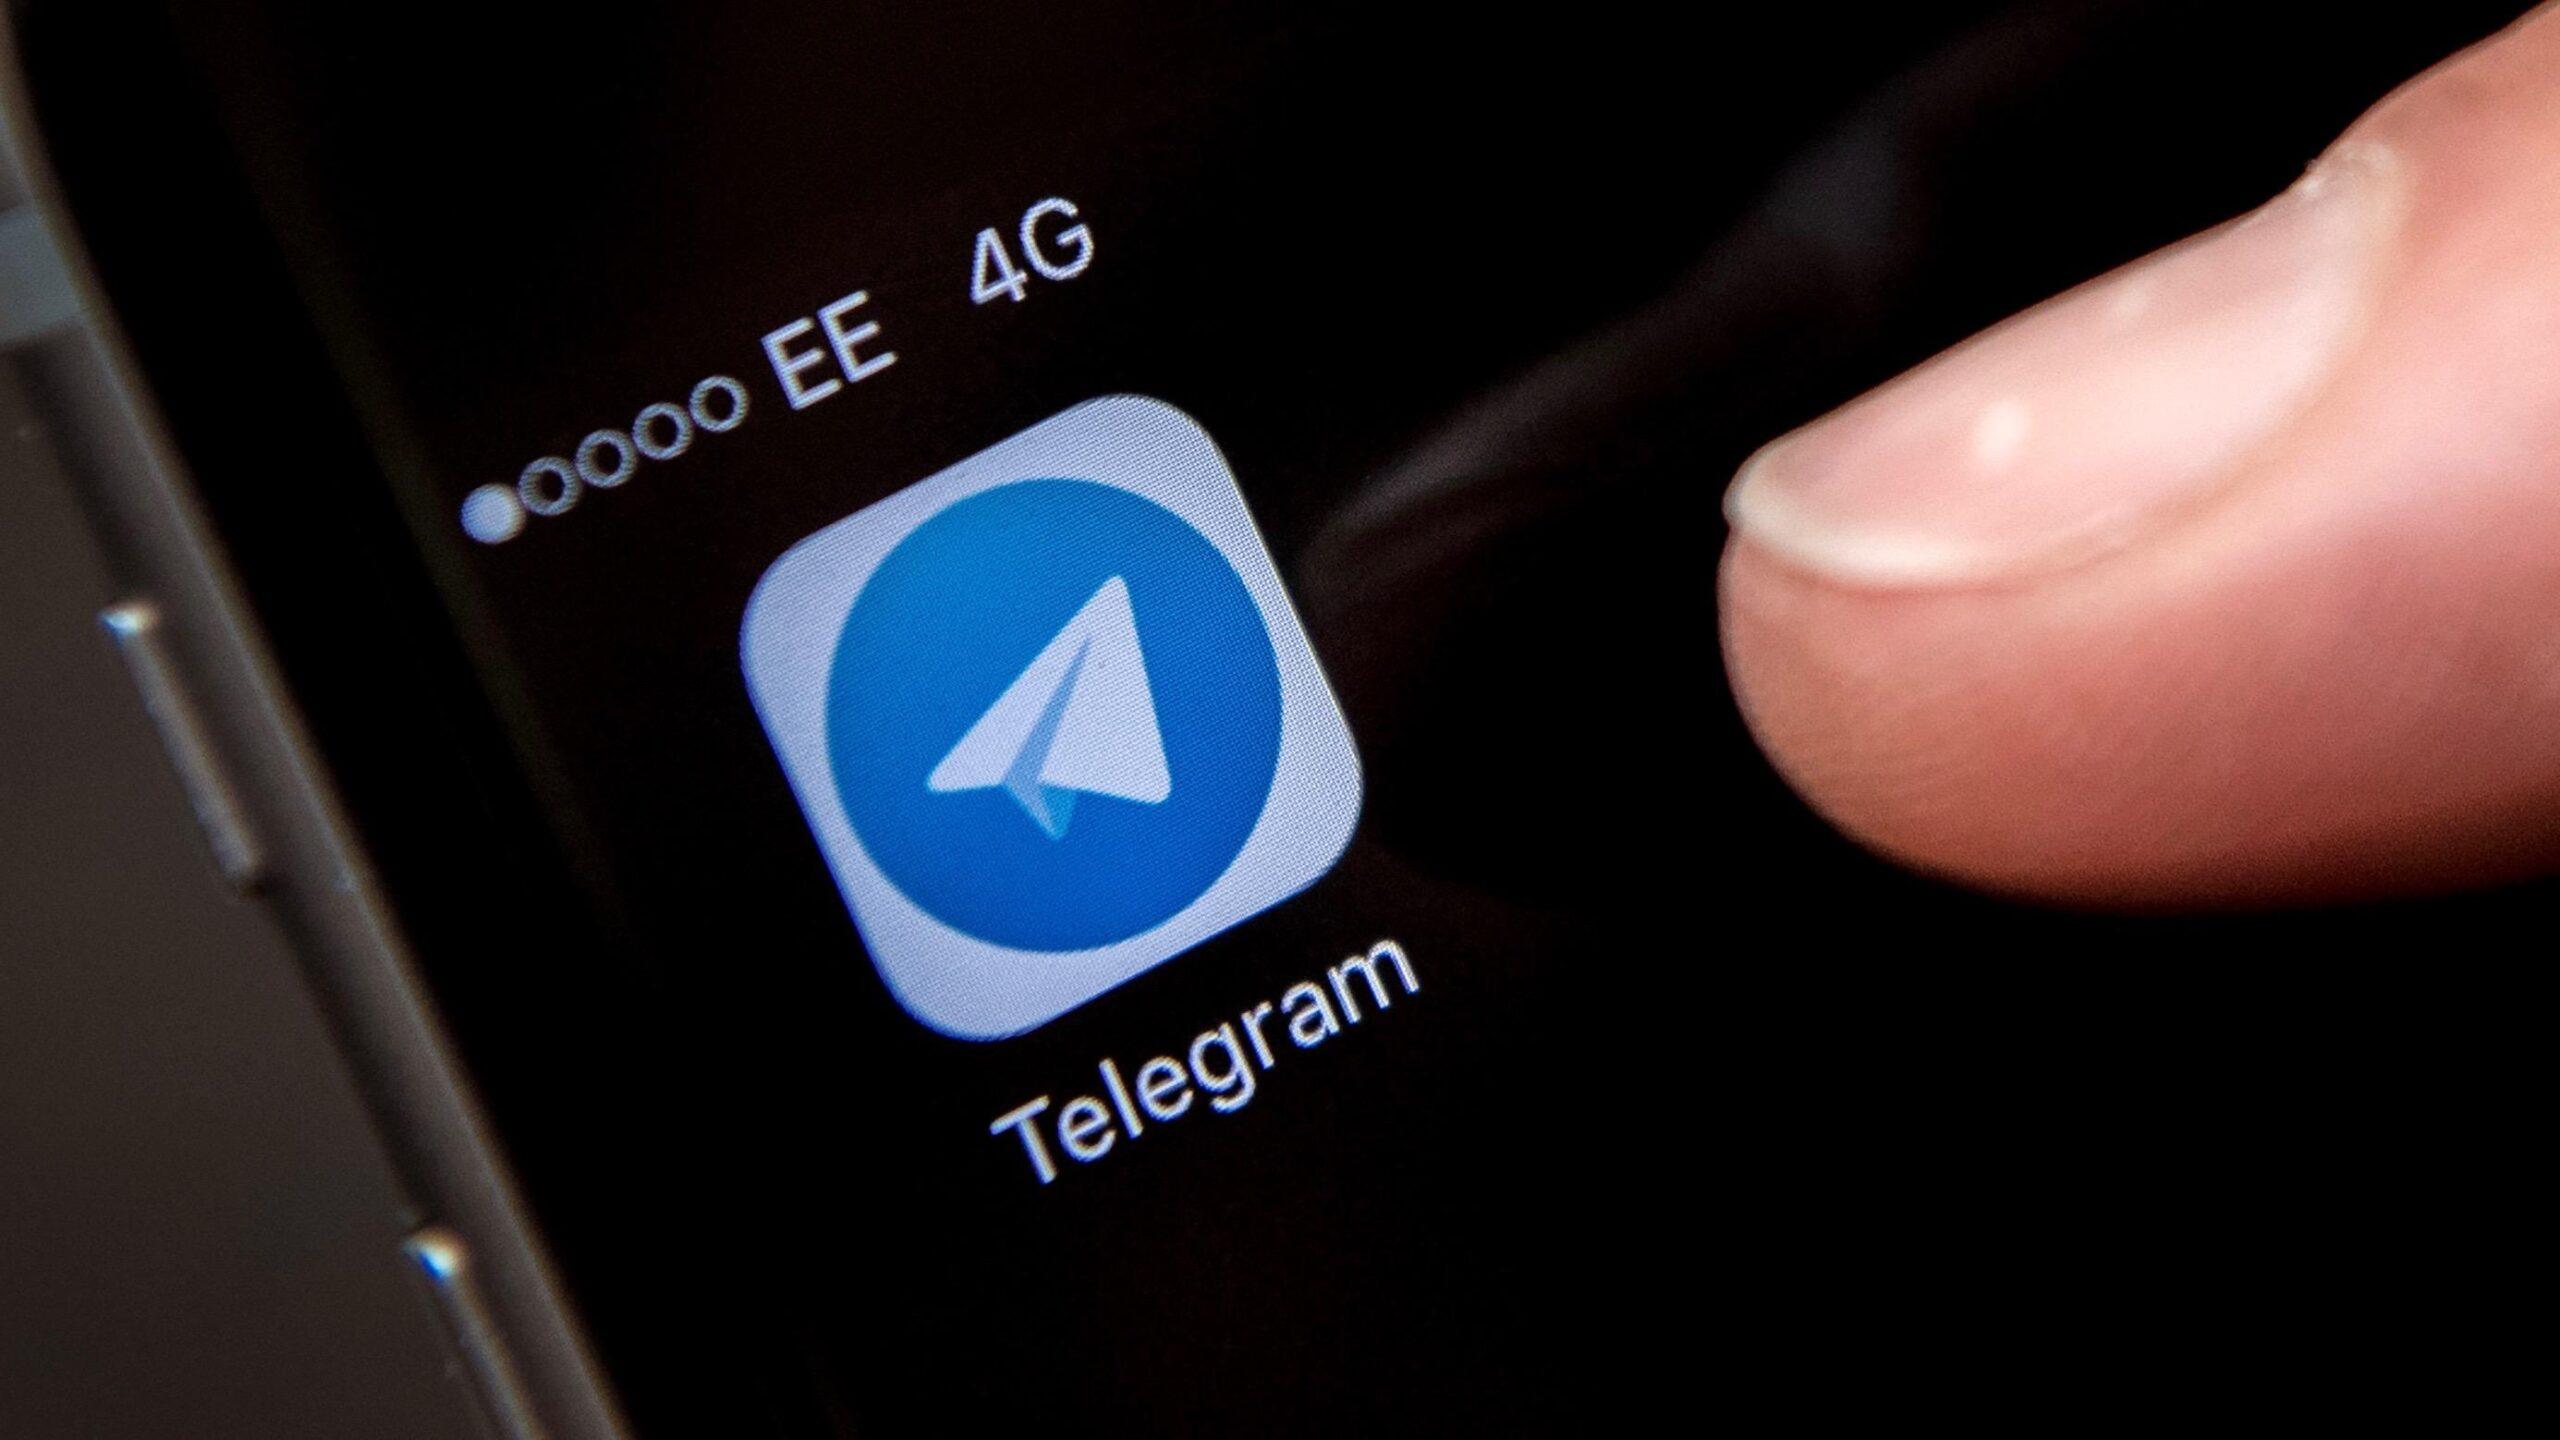 Kéo member nhóm telegram